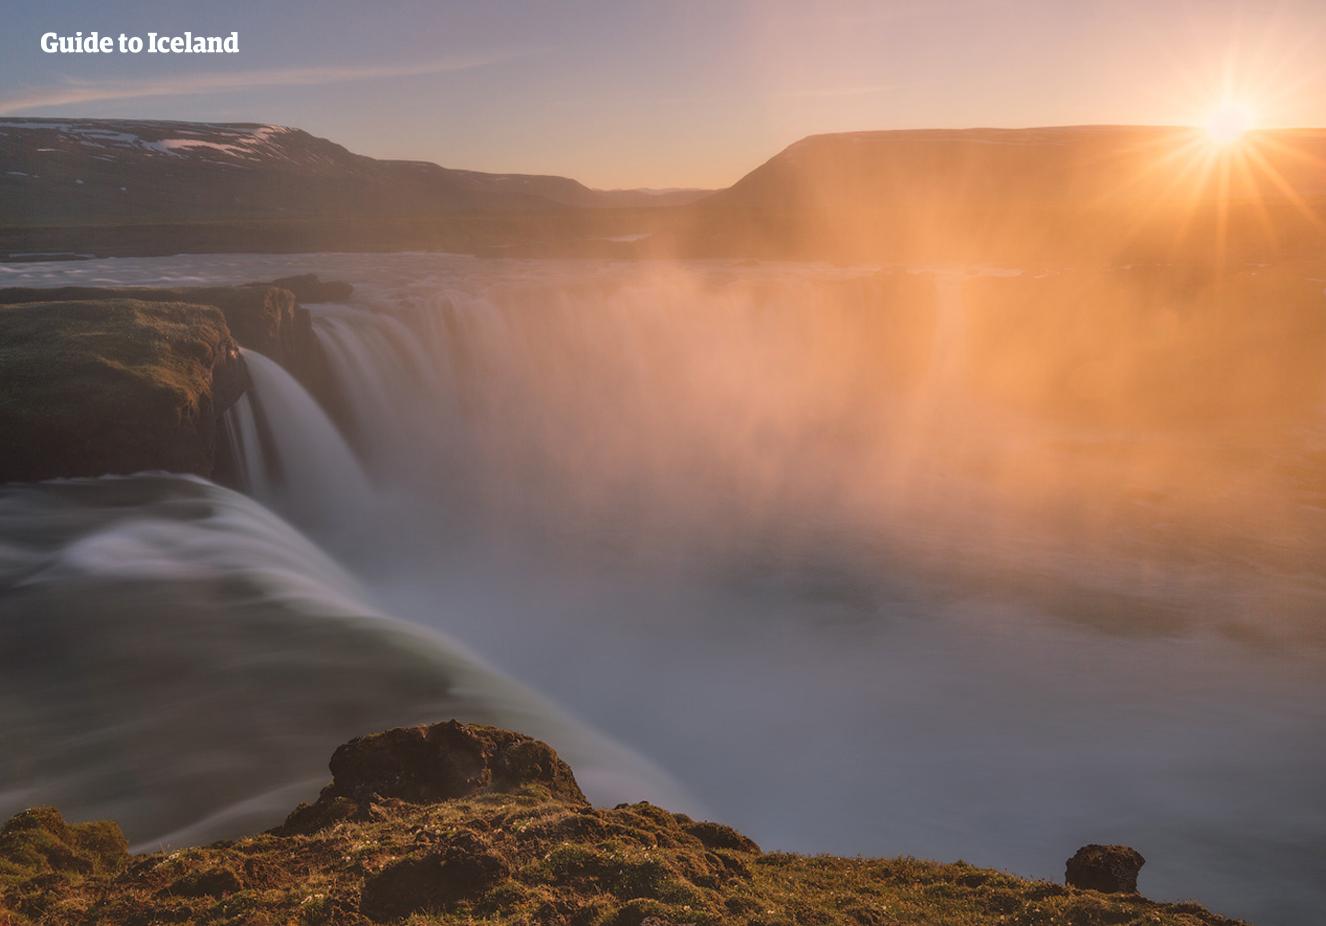 고다포스 폭포는 1000년에 아이슬란드인이 기독교로 개종한 장소입니다.